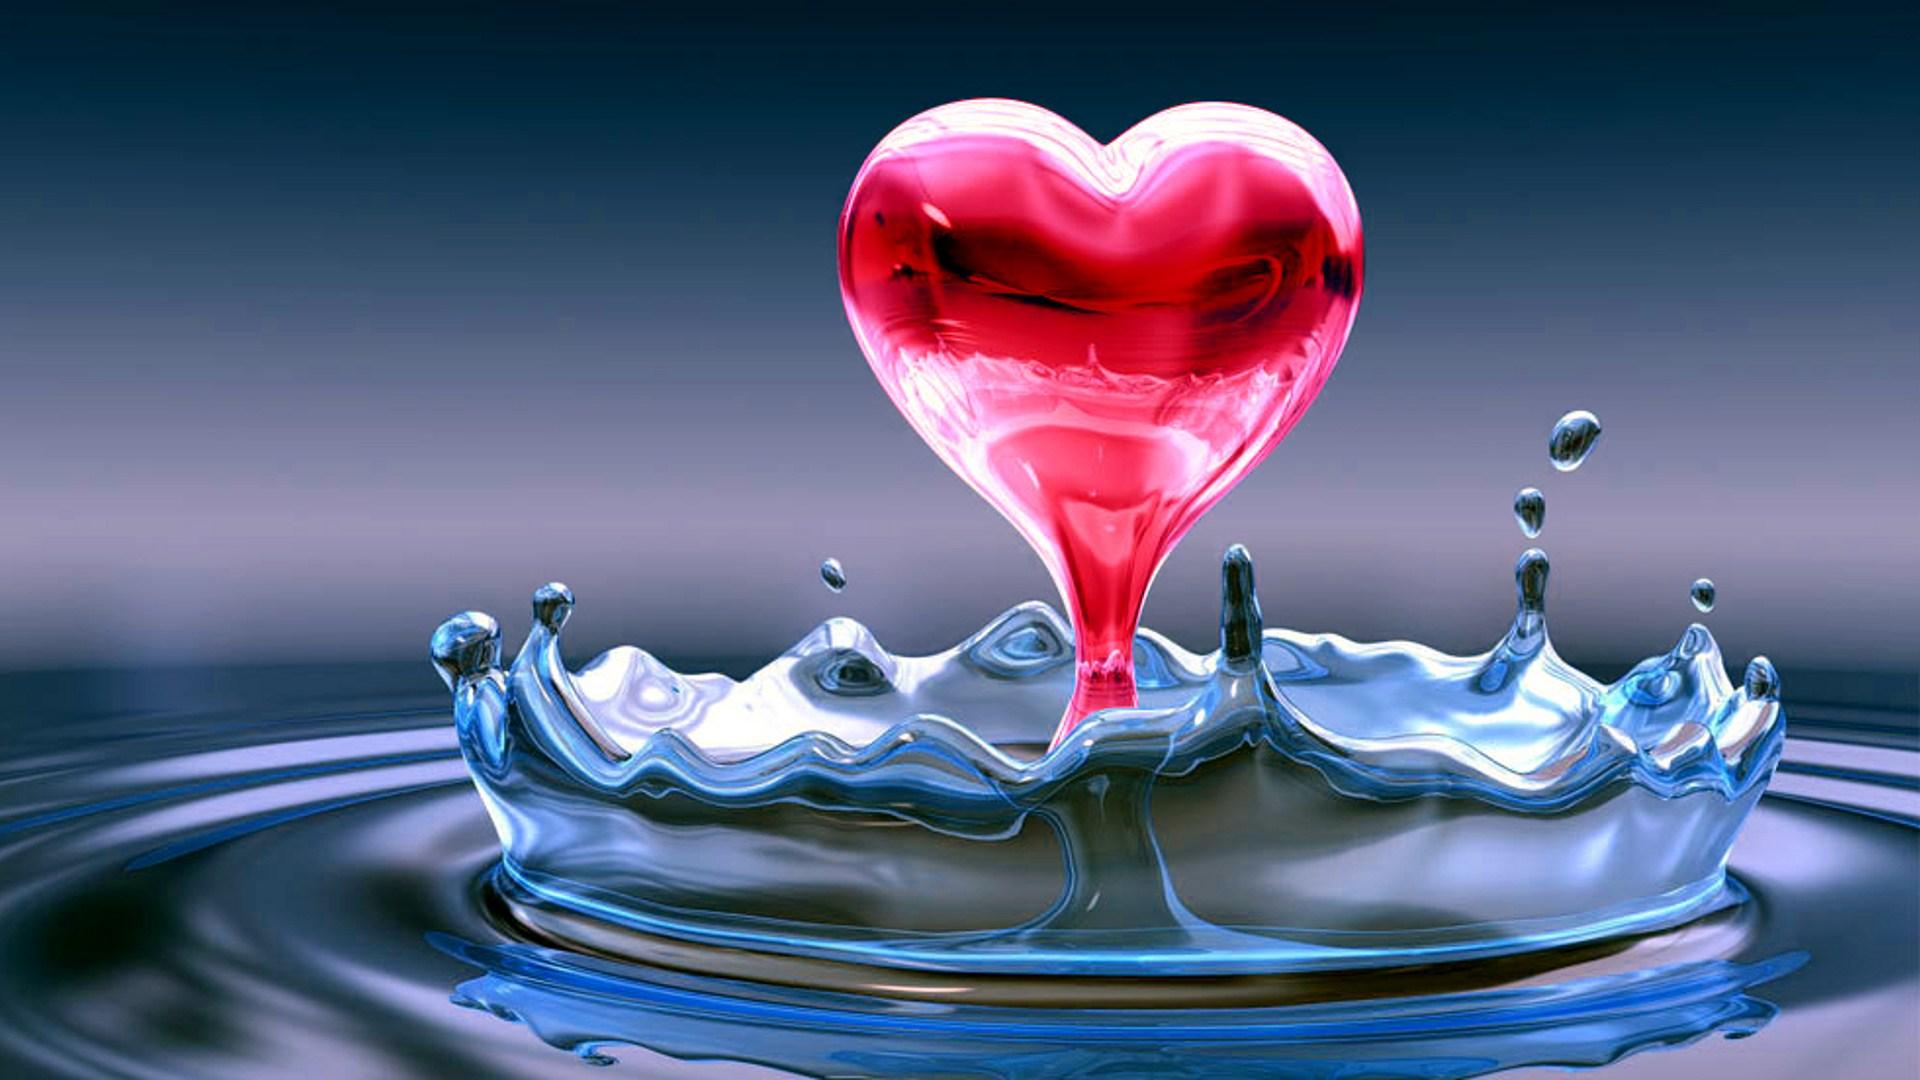 Télécharger fonds d'écran coeur full hd gratuitement